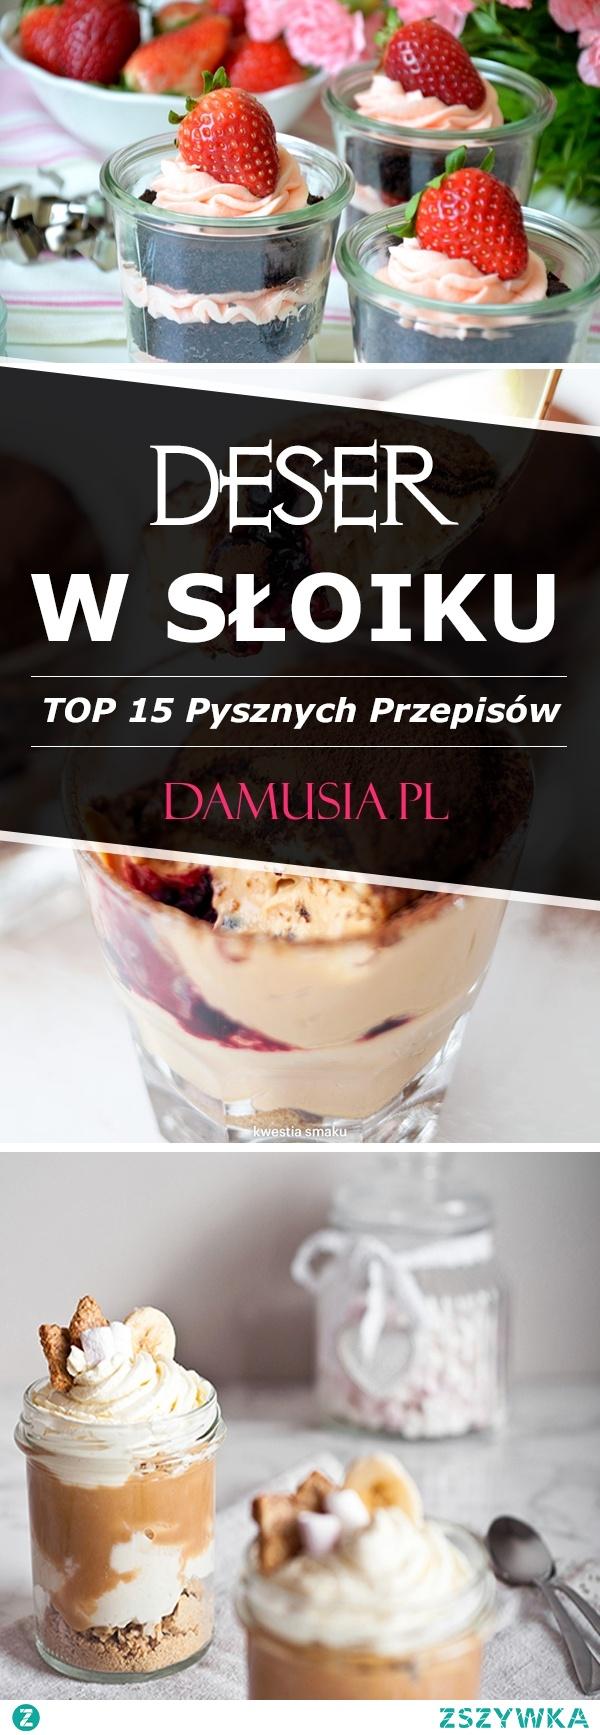 Deser w Słoiku – TOP 15 Pysznych Przepisów na Smaczny Domowy Deser